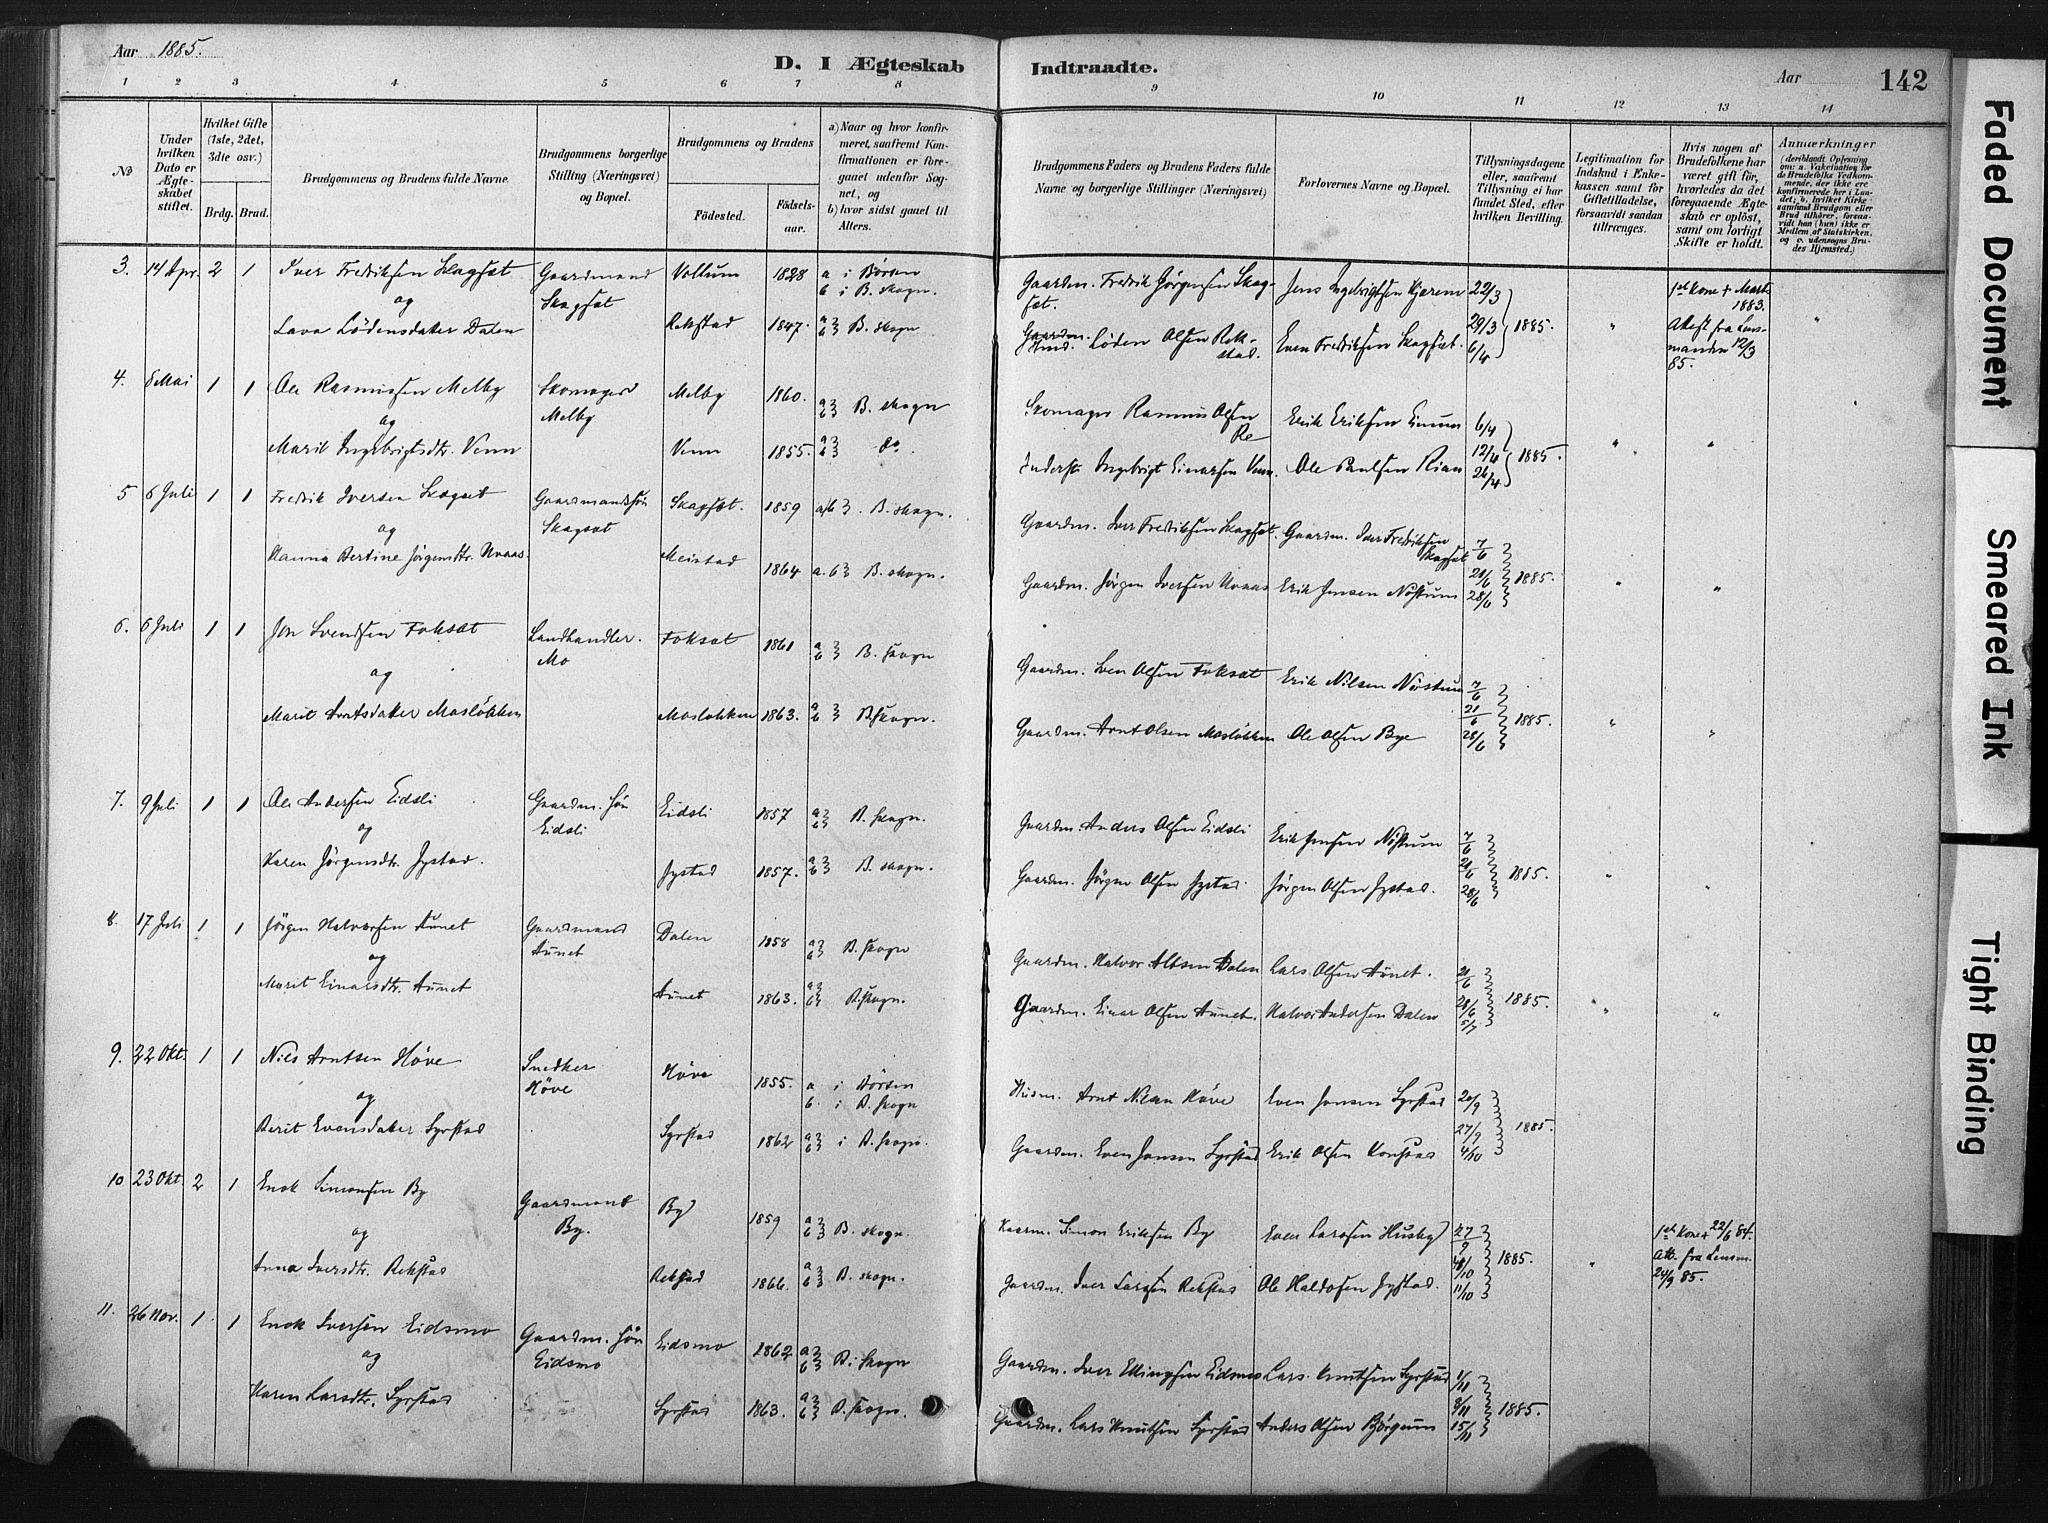 SAT, Ministerialprotokoller, klokkerbøker og fødselsregistre - Sør-Trøndelag, 667/L0795: Ministerialbok nr. 667A03, 1879-1907, s. 142